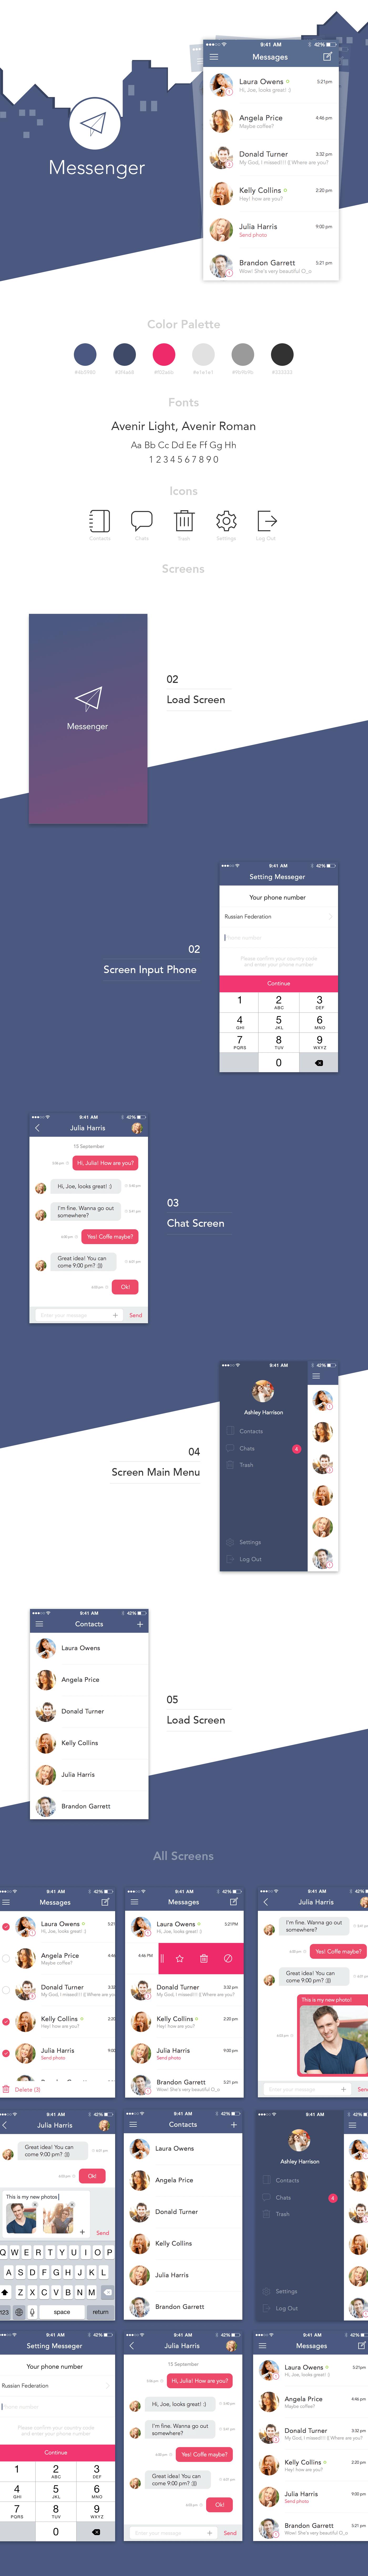 Messenger ios app Sketch